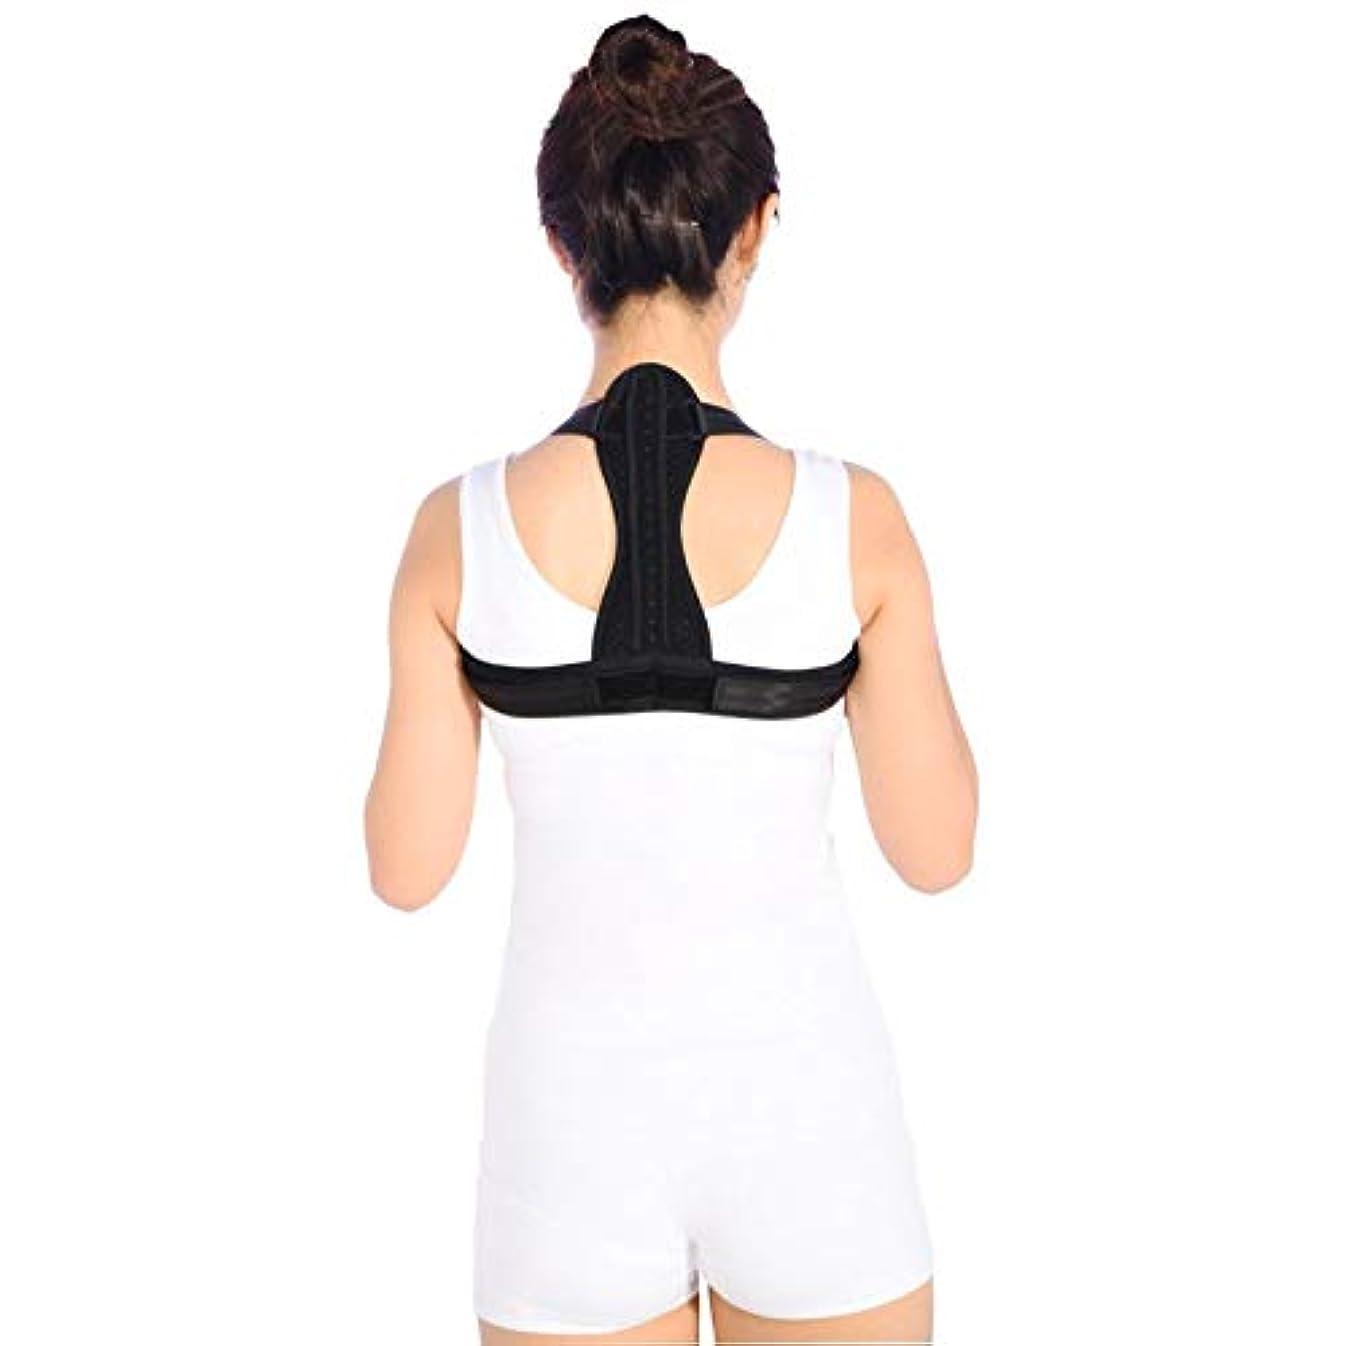 コークス耐久閲覧する通気性の脊柱側弯症ザトウクジラ補正ベルト調節可能な快適さ目に見えないベルト男性女性大人学生子供 - 黒